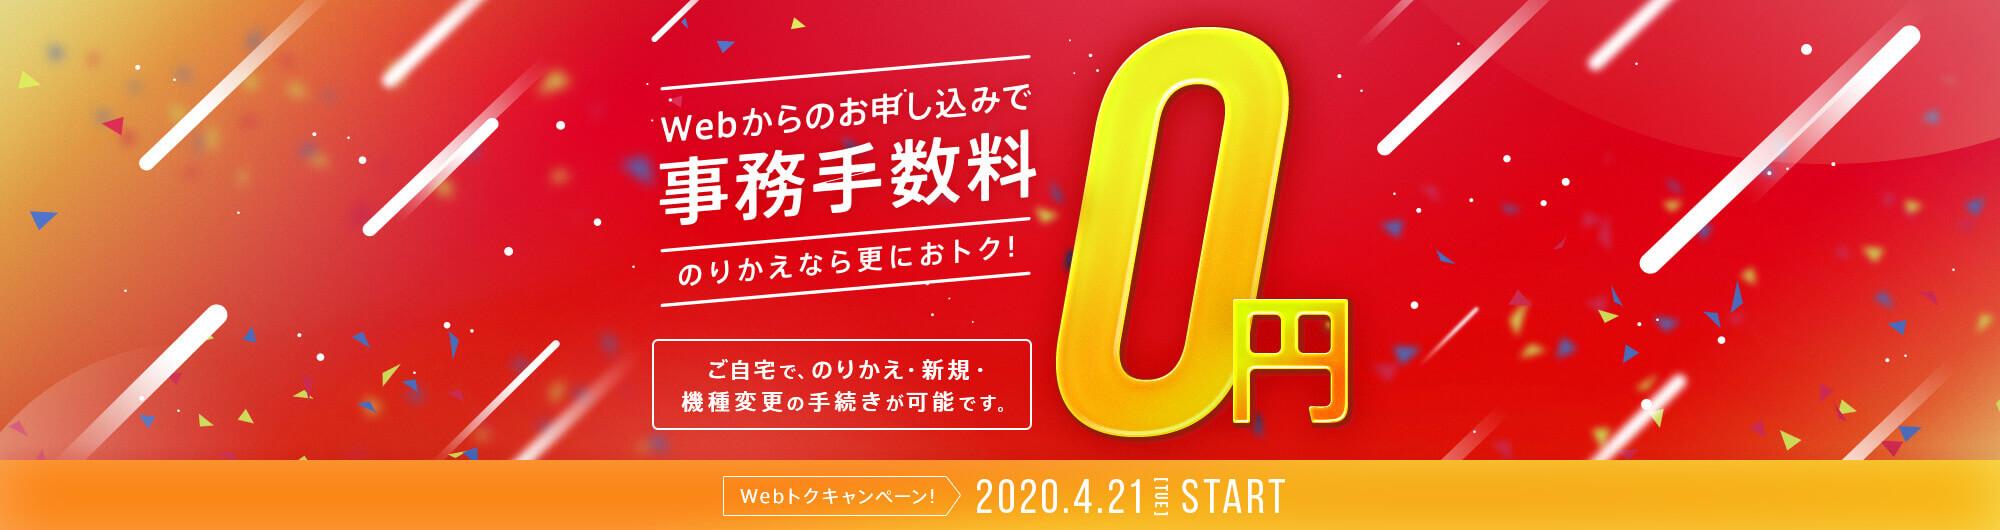 ソフトバンクオンラインショップキャンペーン機種変更・のりかえMNP事務手数料0円「Webトクキャンペーン」